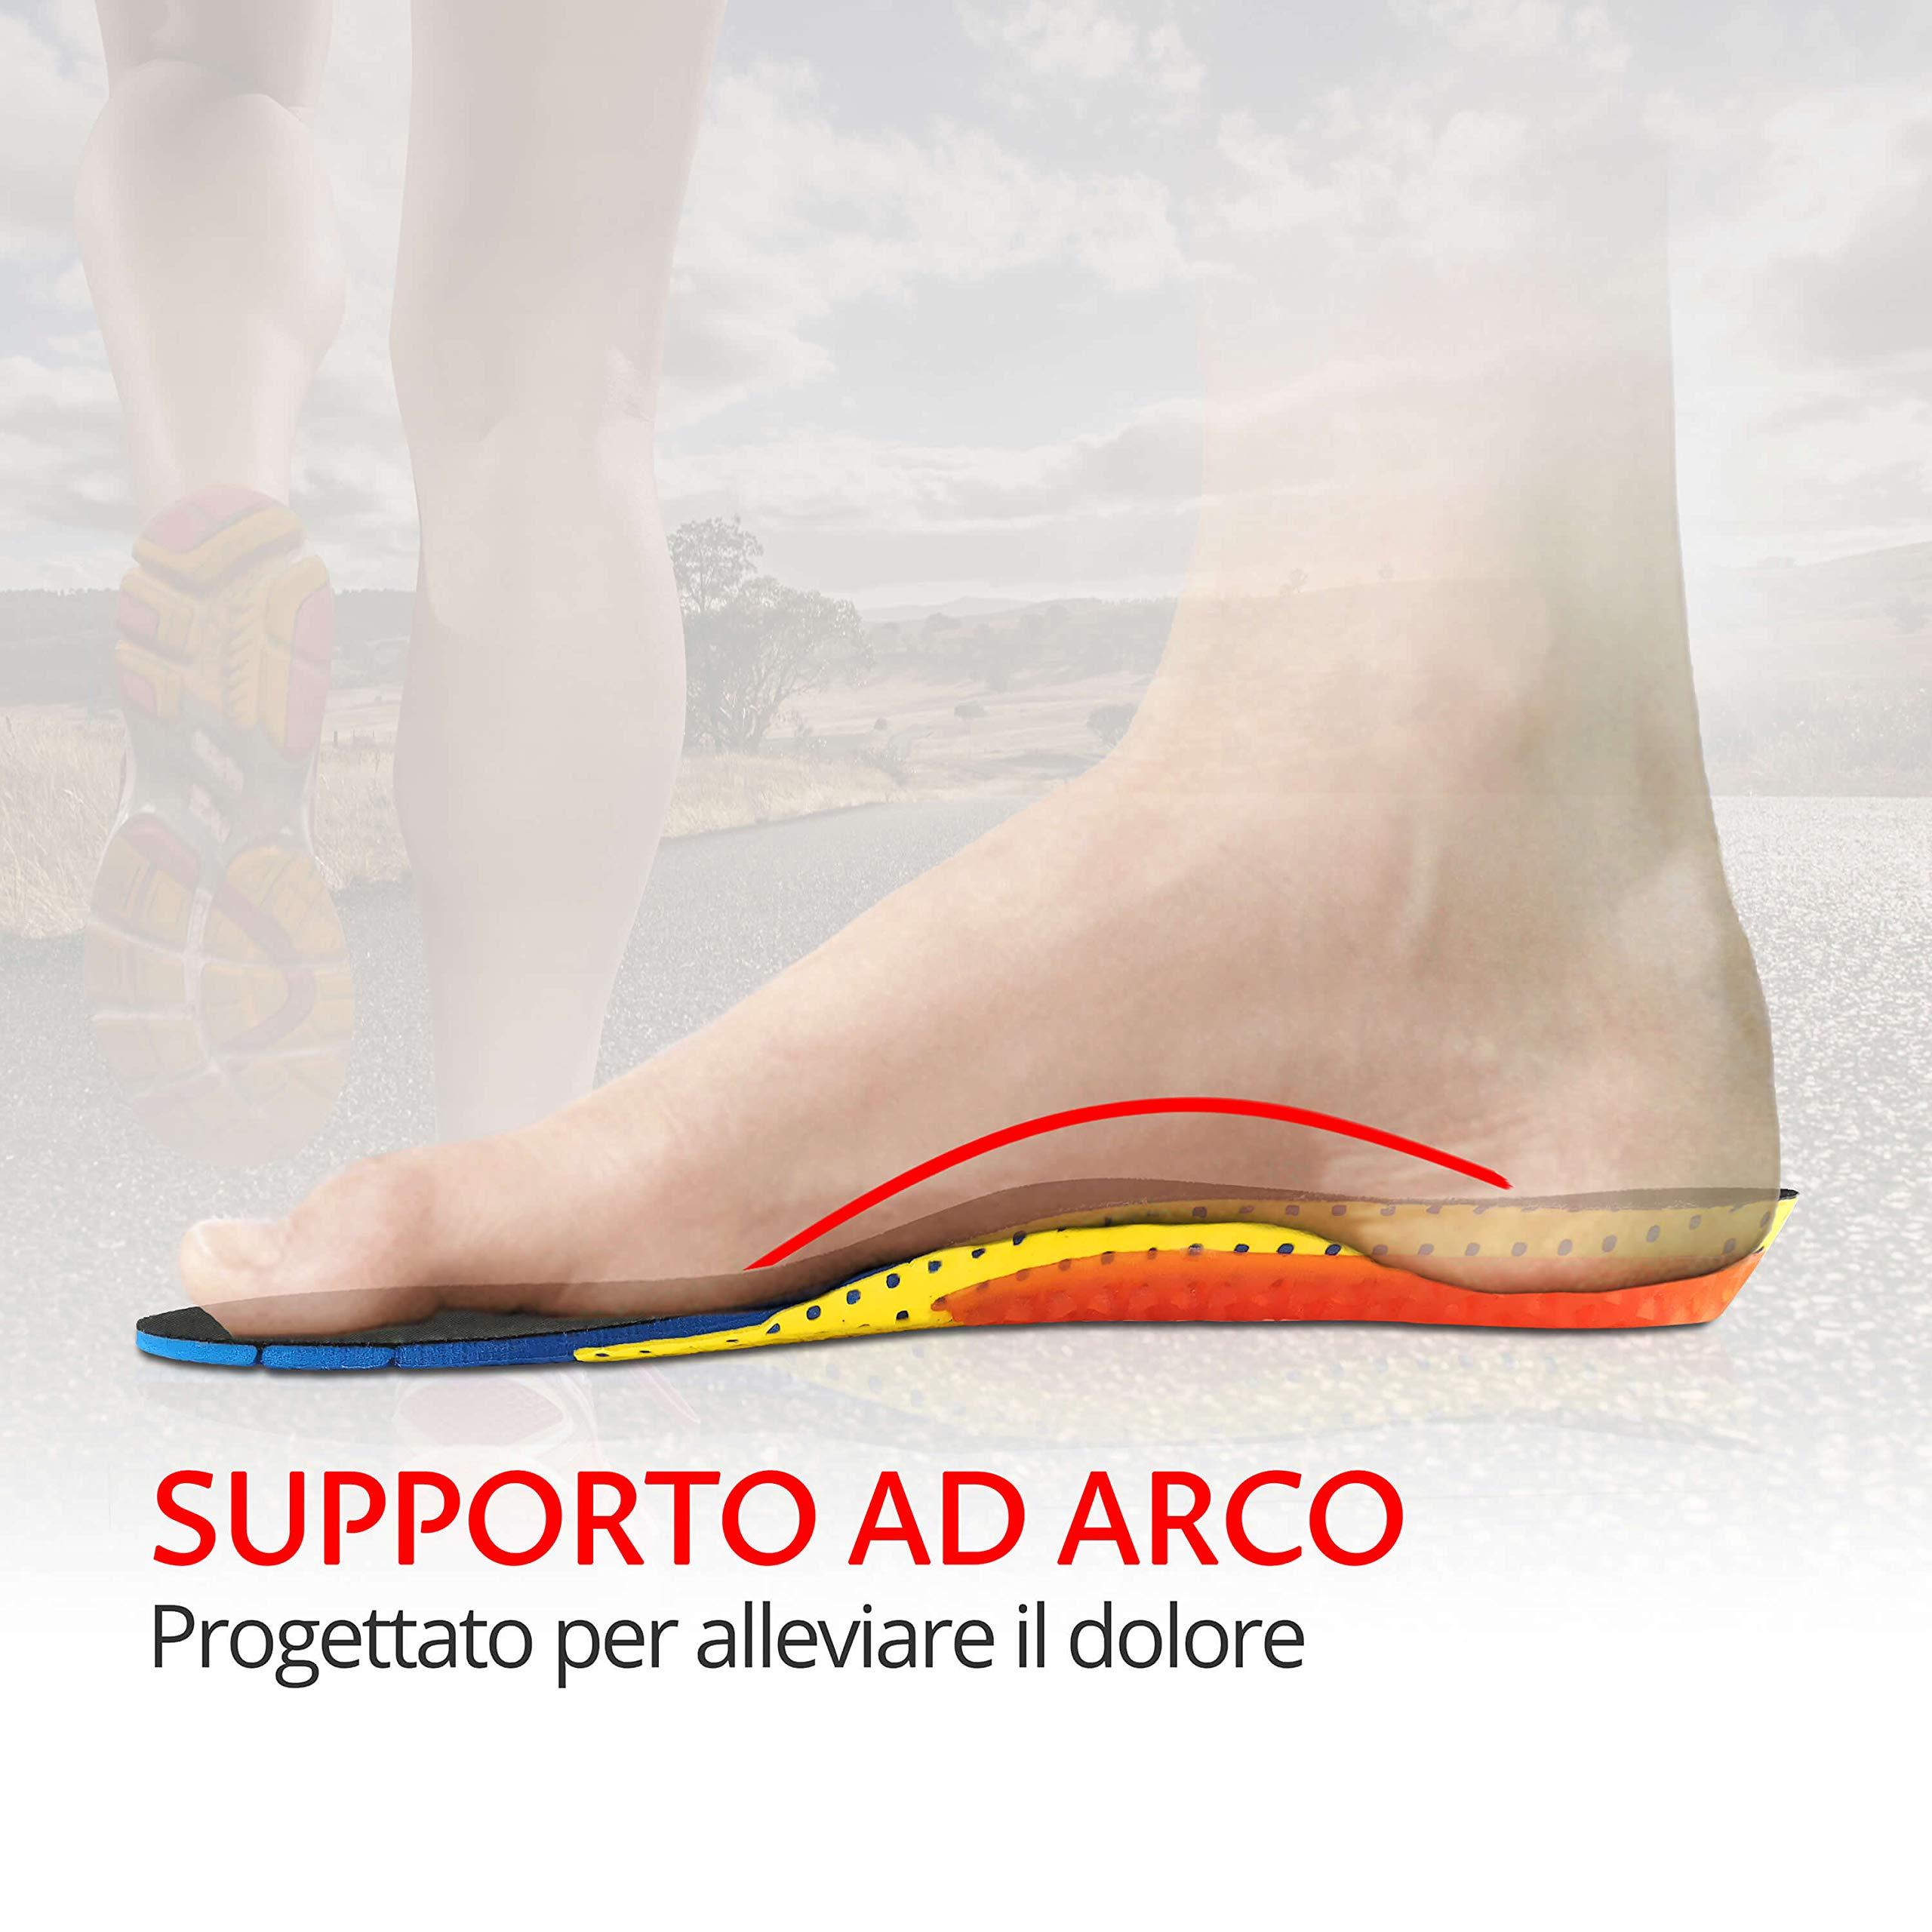 sports shoes 0078d 69fd3 Solette Plantari Sport Per Scarpe Con Cuscinetti in Gel Unisex Uomo Donna  Junior Con Supporto Ad Arco Sport Tempo Libero Lavoro Antishock Traspiranti  ...